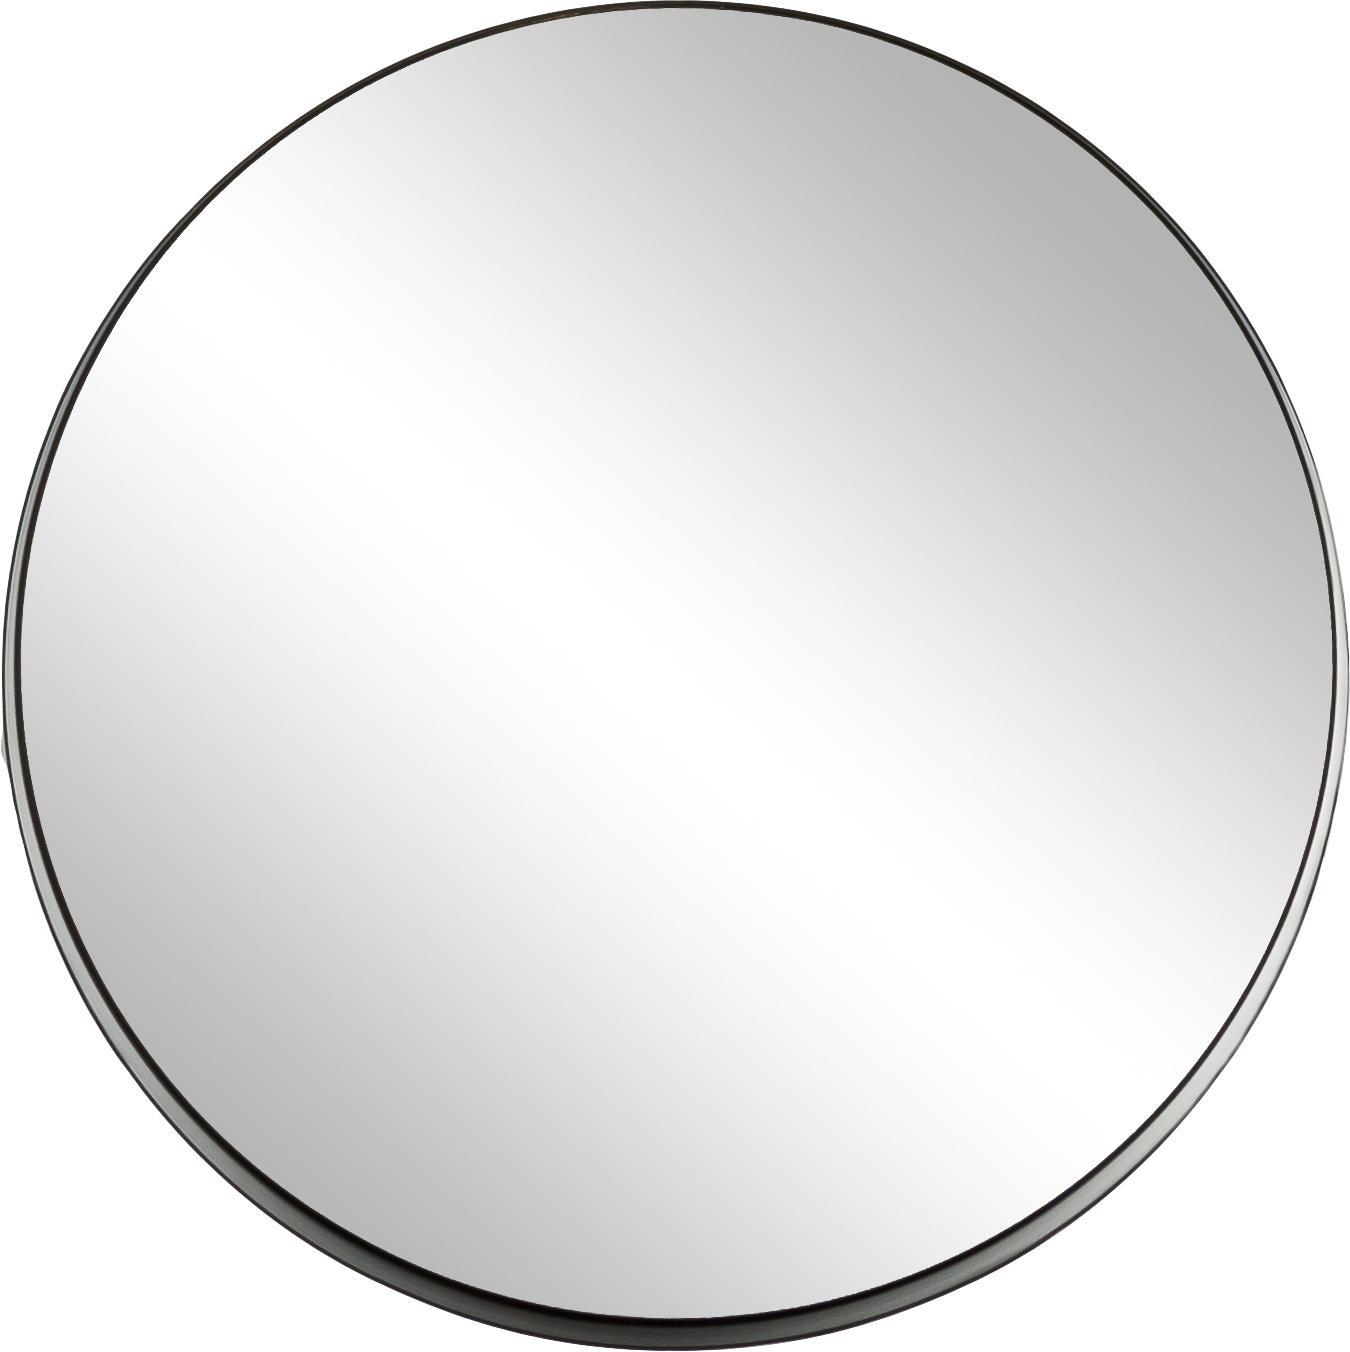 Specchio da parete con cornice Metal, Cornice: metallo verniciato con se, Cornice: nero<br>Lastra di vetro, Ø 43 cm